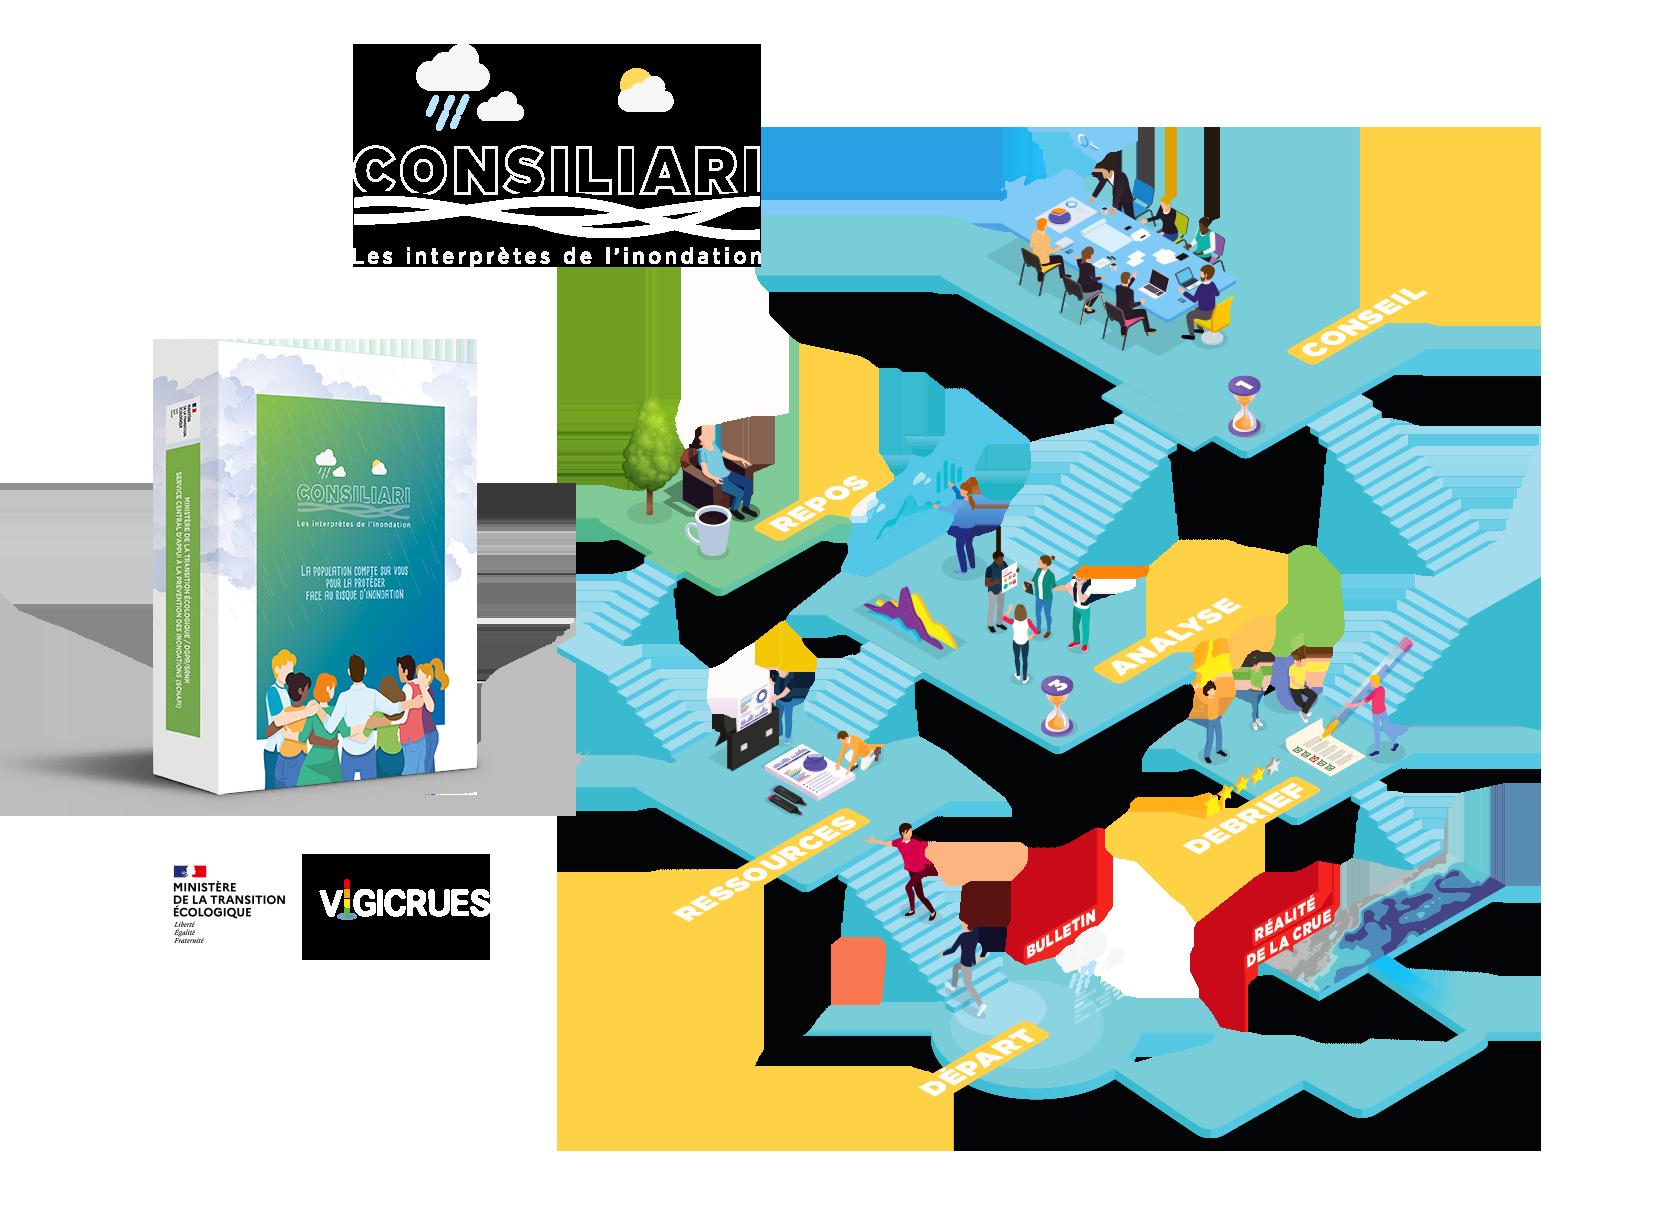 Boîte de jeu CONSILIARI pour le Ministère de la Transition Ecologique et Vigicrues